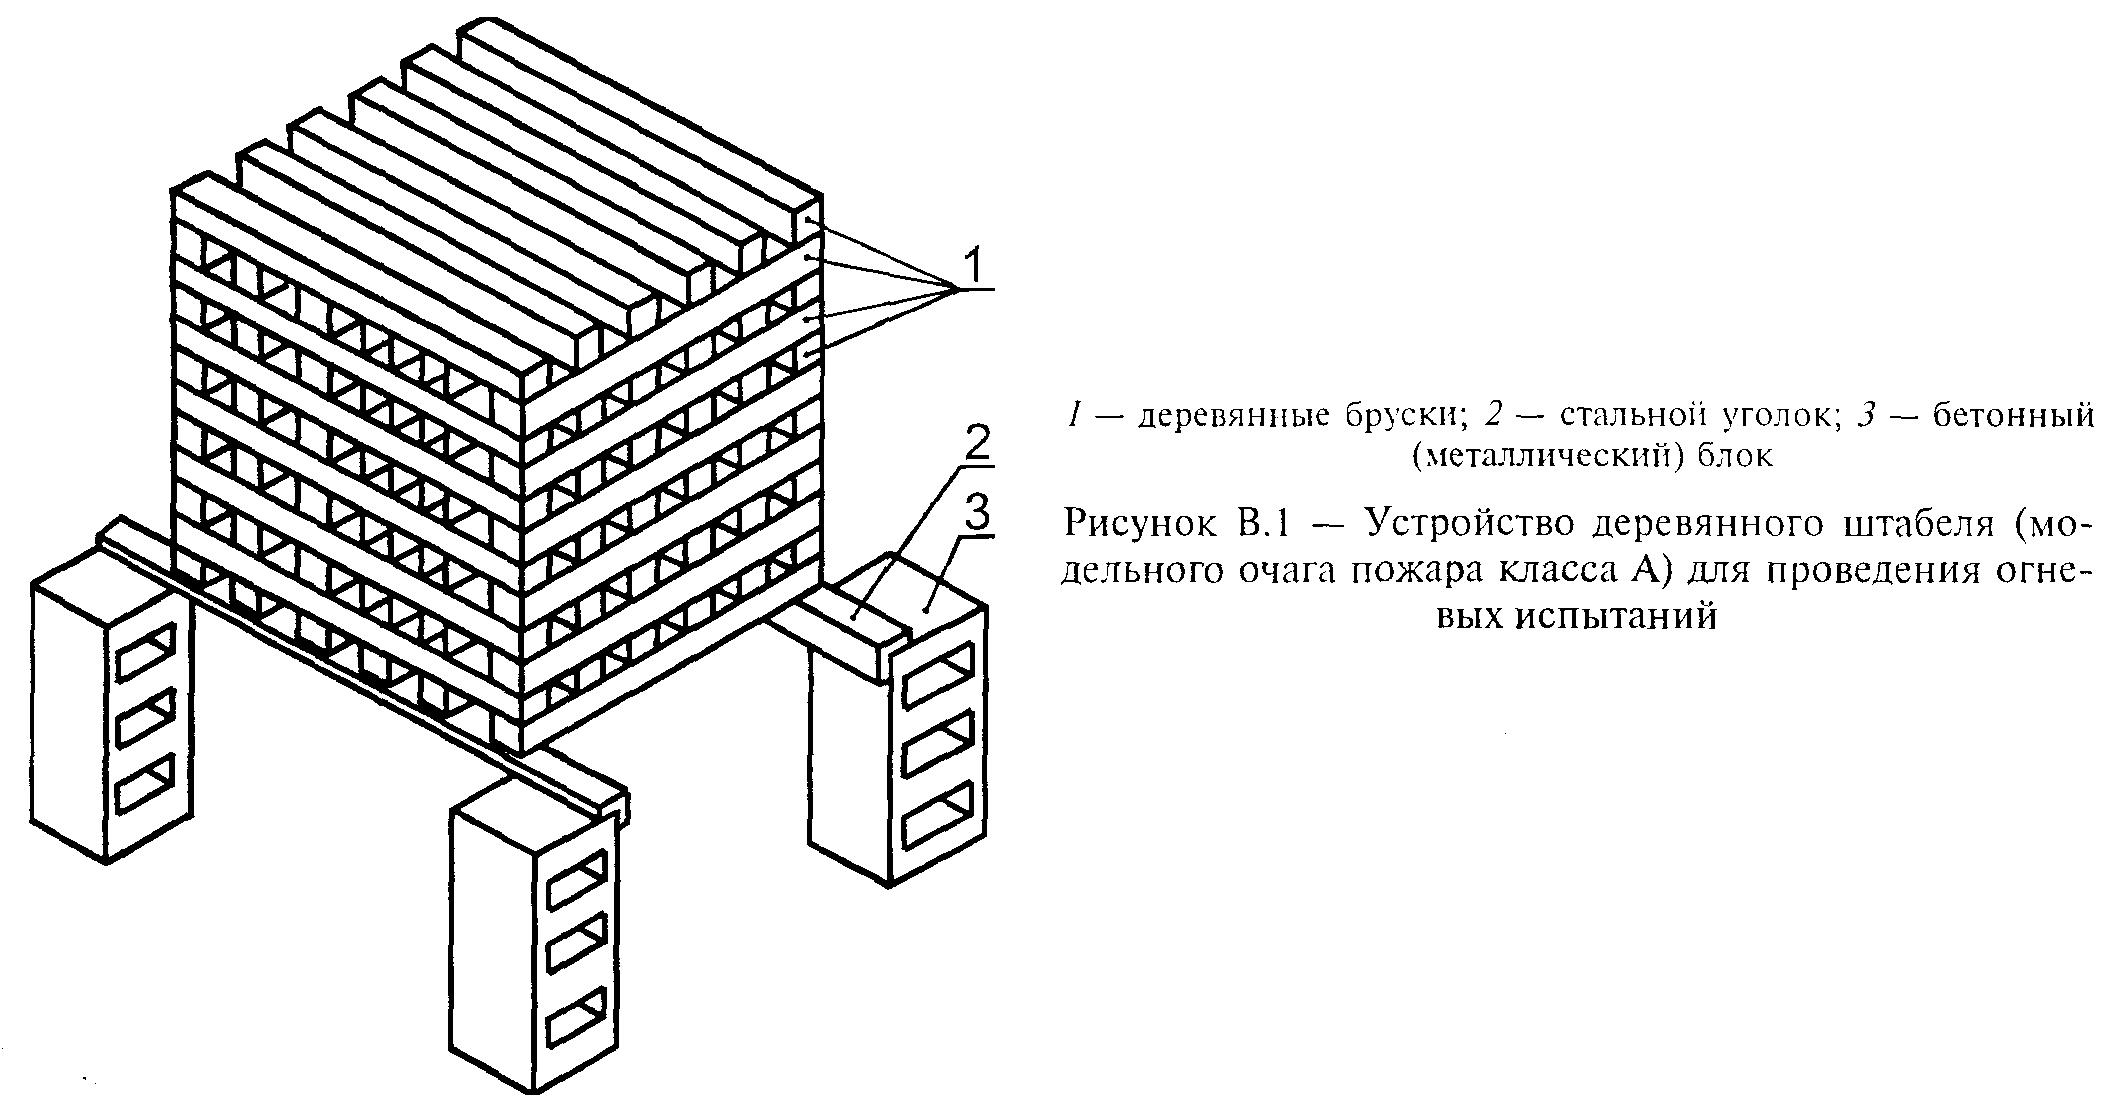 РИСУНОК В.1 К ГОСТ Р 51057-2001